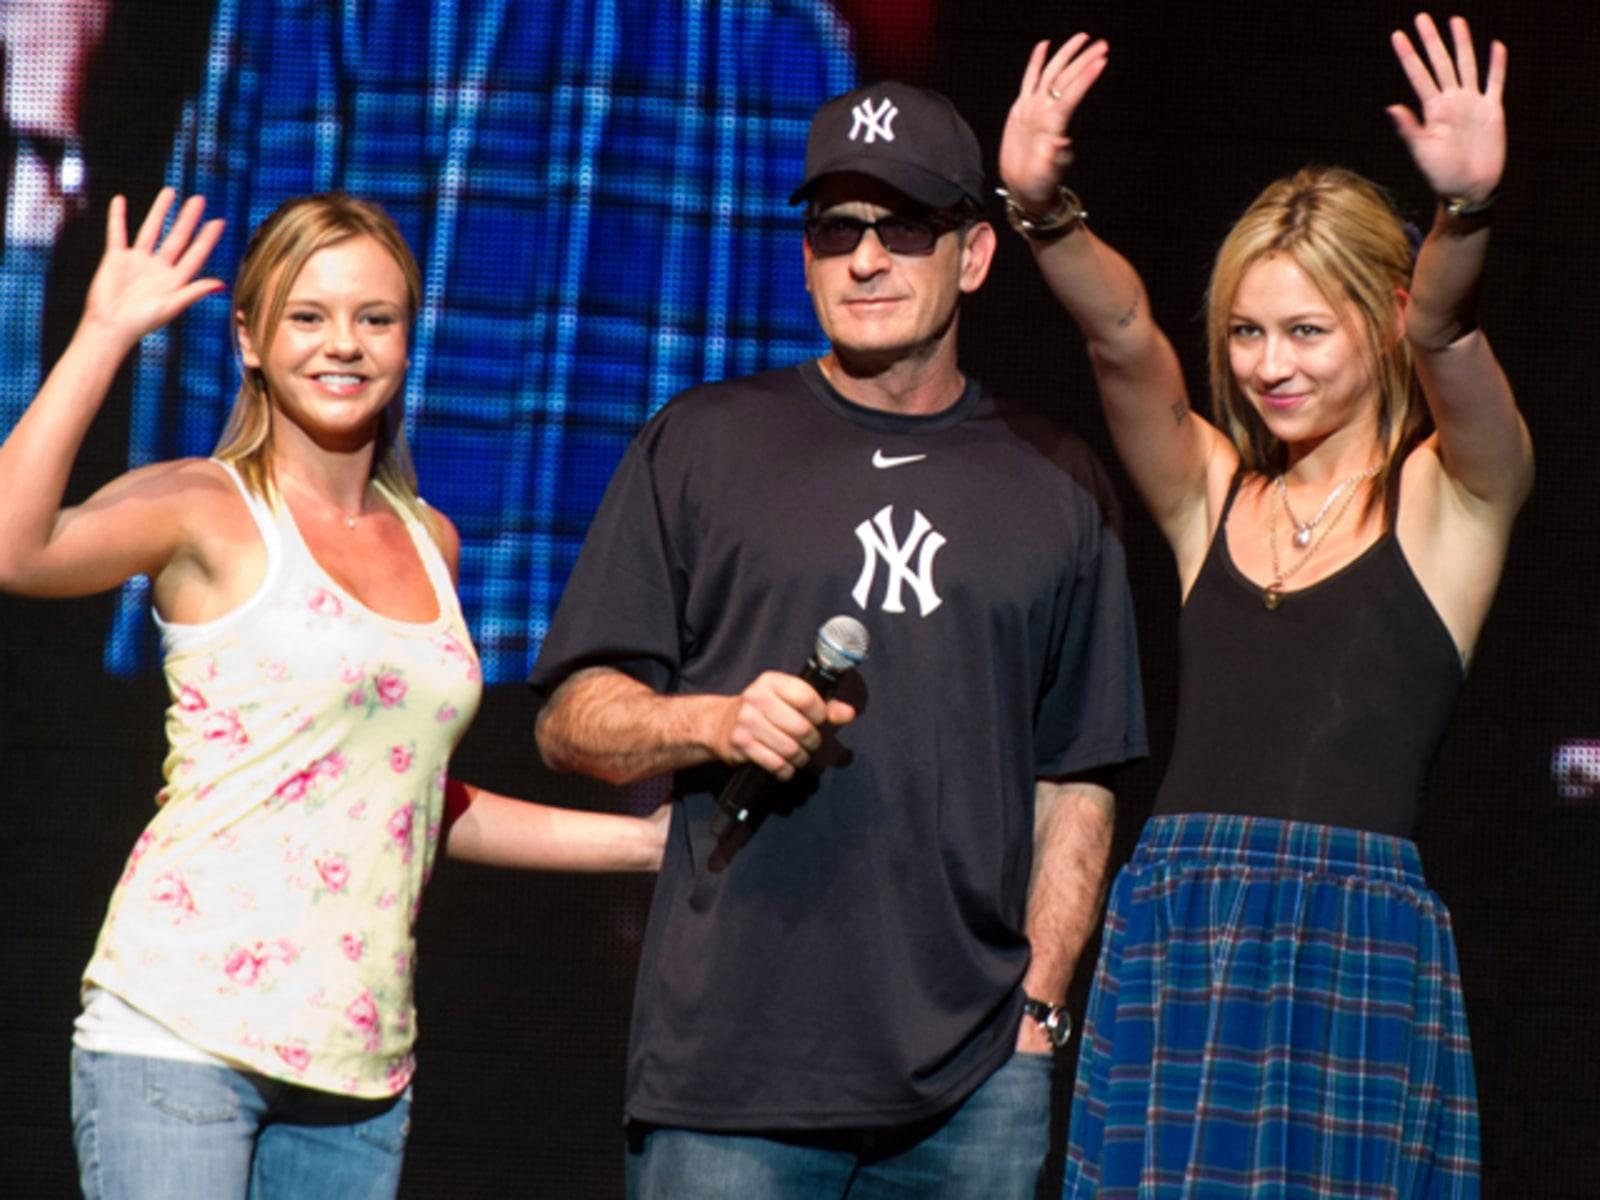 Image: Charlie Sheen, Natalie Kenley, Rachel Oberlin